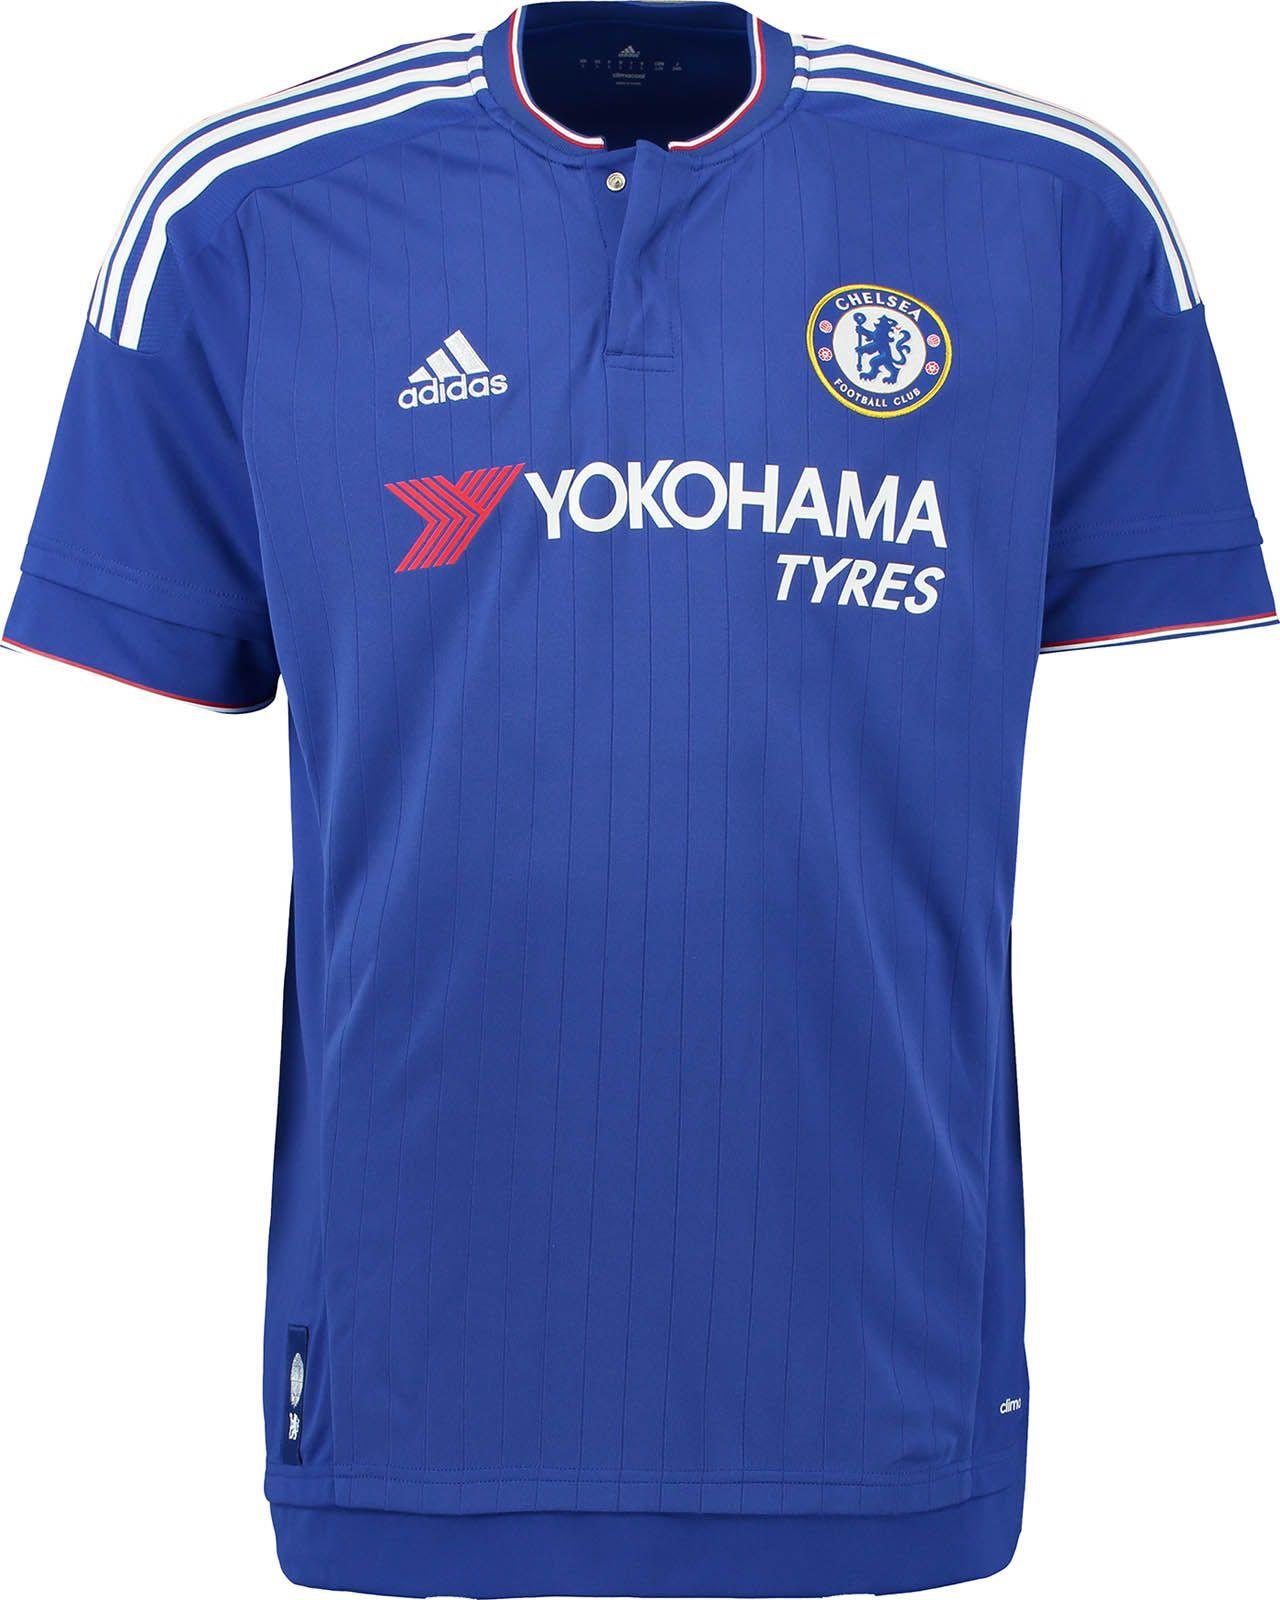 589b15646 Chelsea FC 15-16 Home Kit